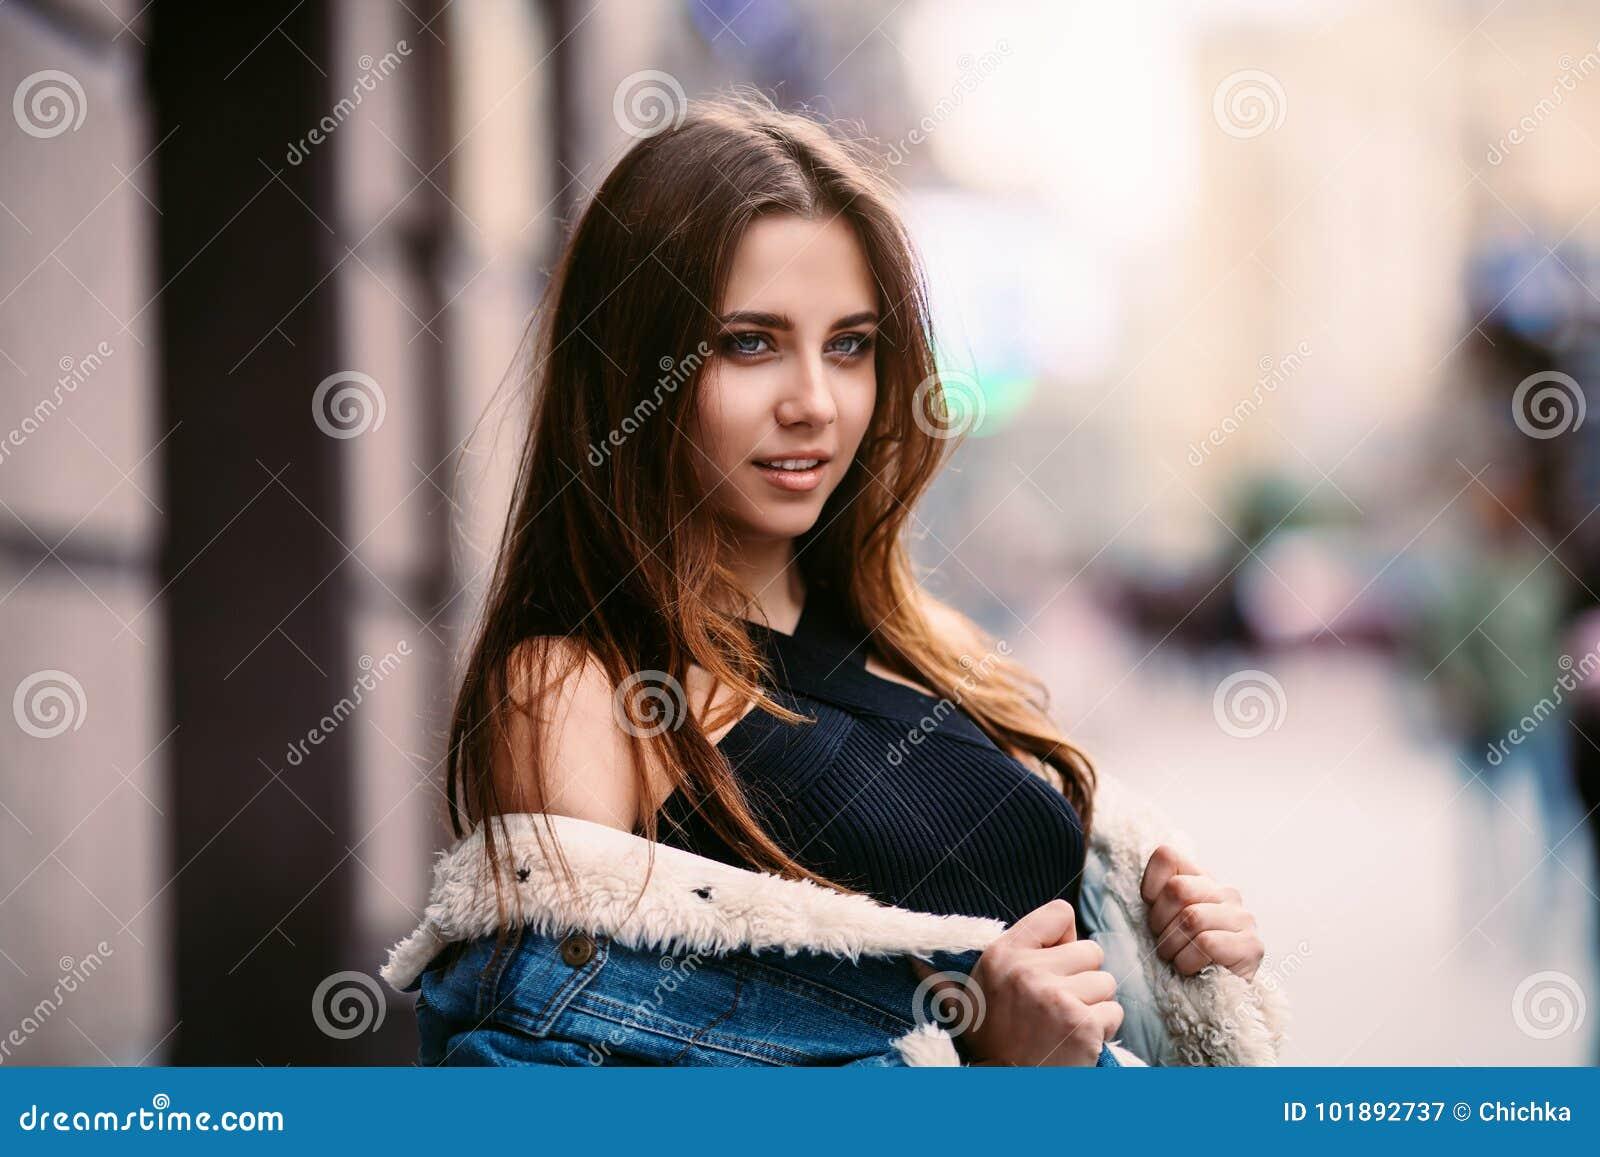 Изумительной красоты девушки фото длительный